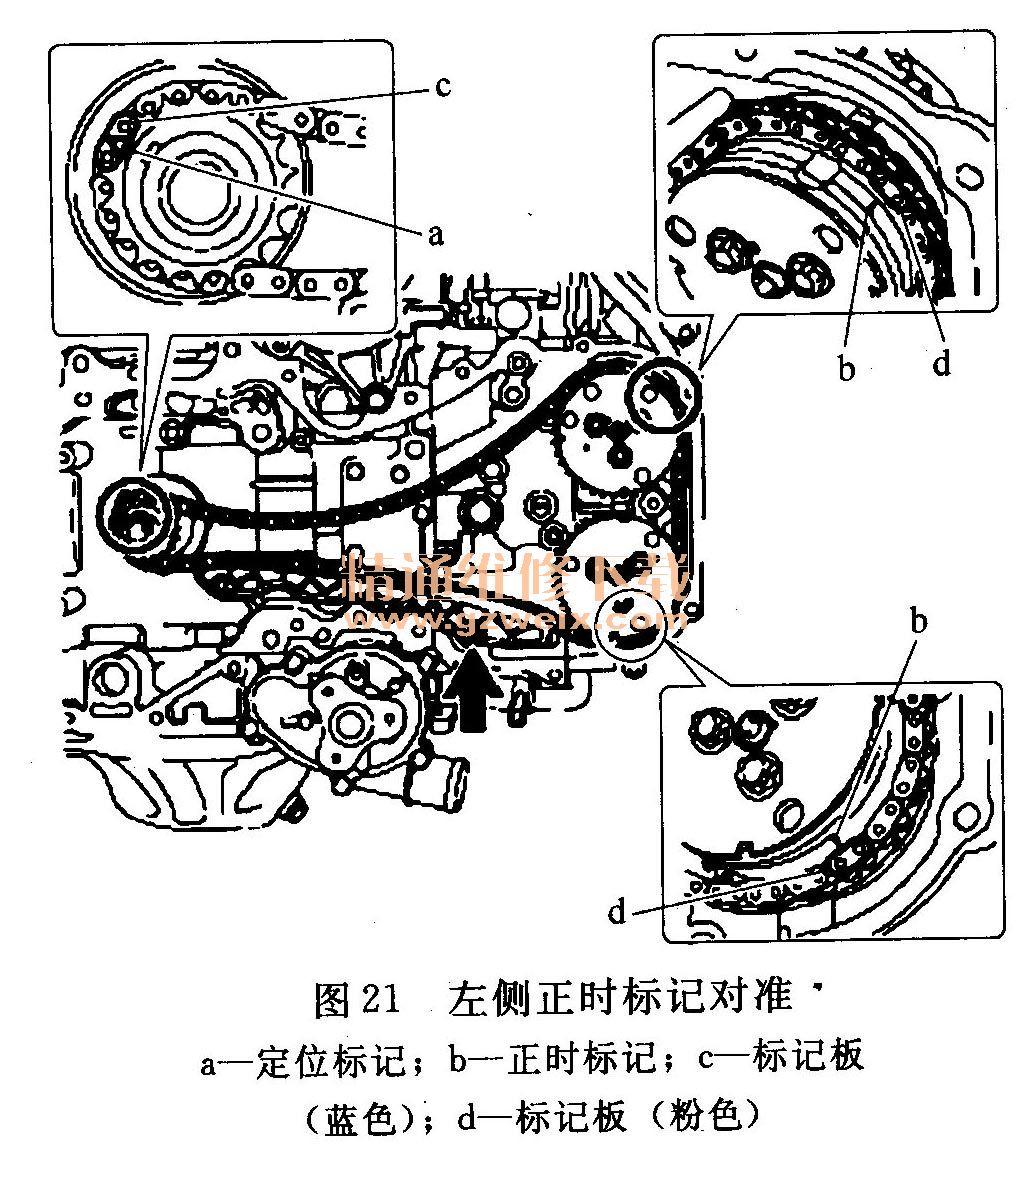 将正时链条标记板(粉色)与左侧排气凸轮轴正时齿轮总成的正时标记对准,如图21所示。  在螺栓上涂抹发动机机油。 使用5mm六角套筒扳手,用螺栓安装1号链条振动阻尼器。 将一个新O形圈安装到汽缸体(B2)上。 11安装链条张紧器导板。 12用2个螺栓安装2号链条张紧器总成。 13检查并确认链条安装正确,如图21所示。 a.